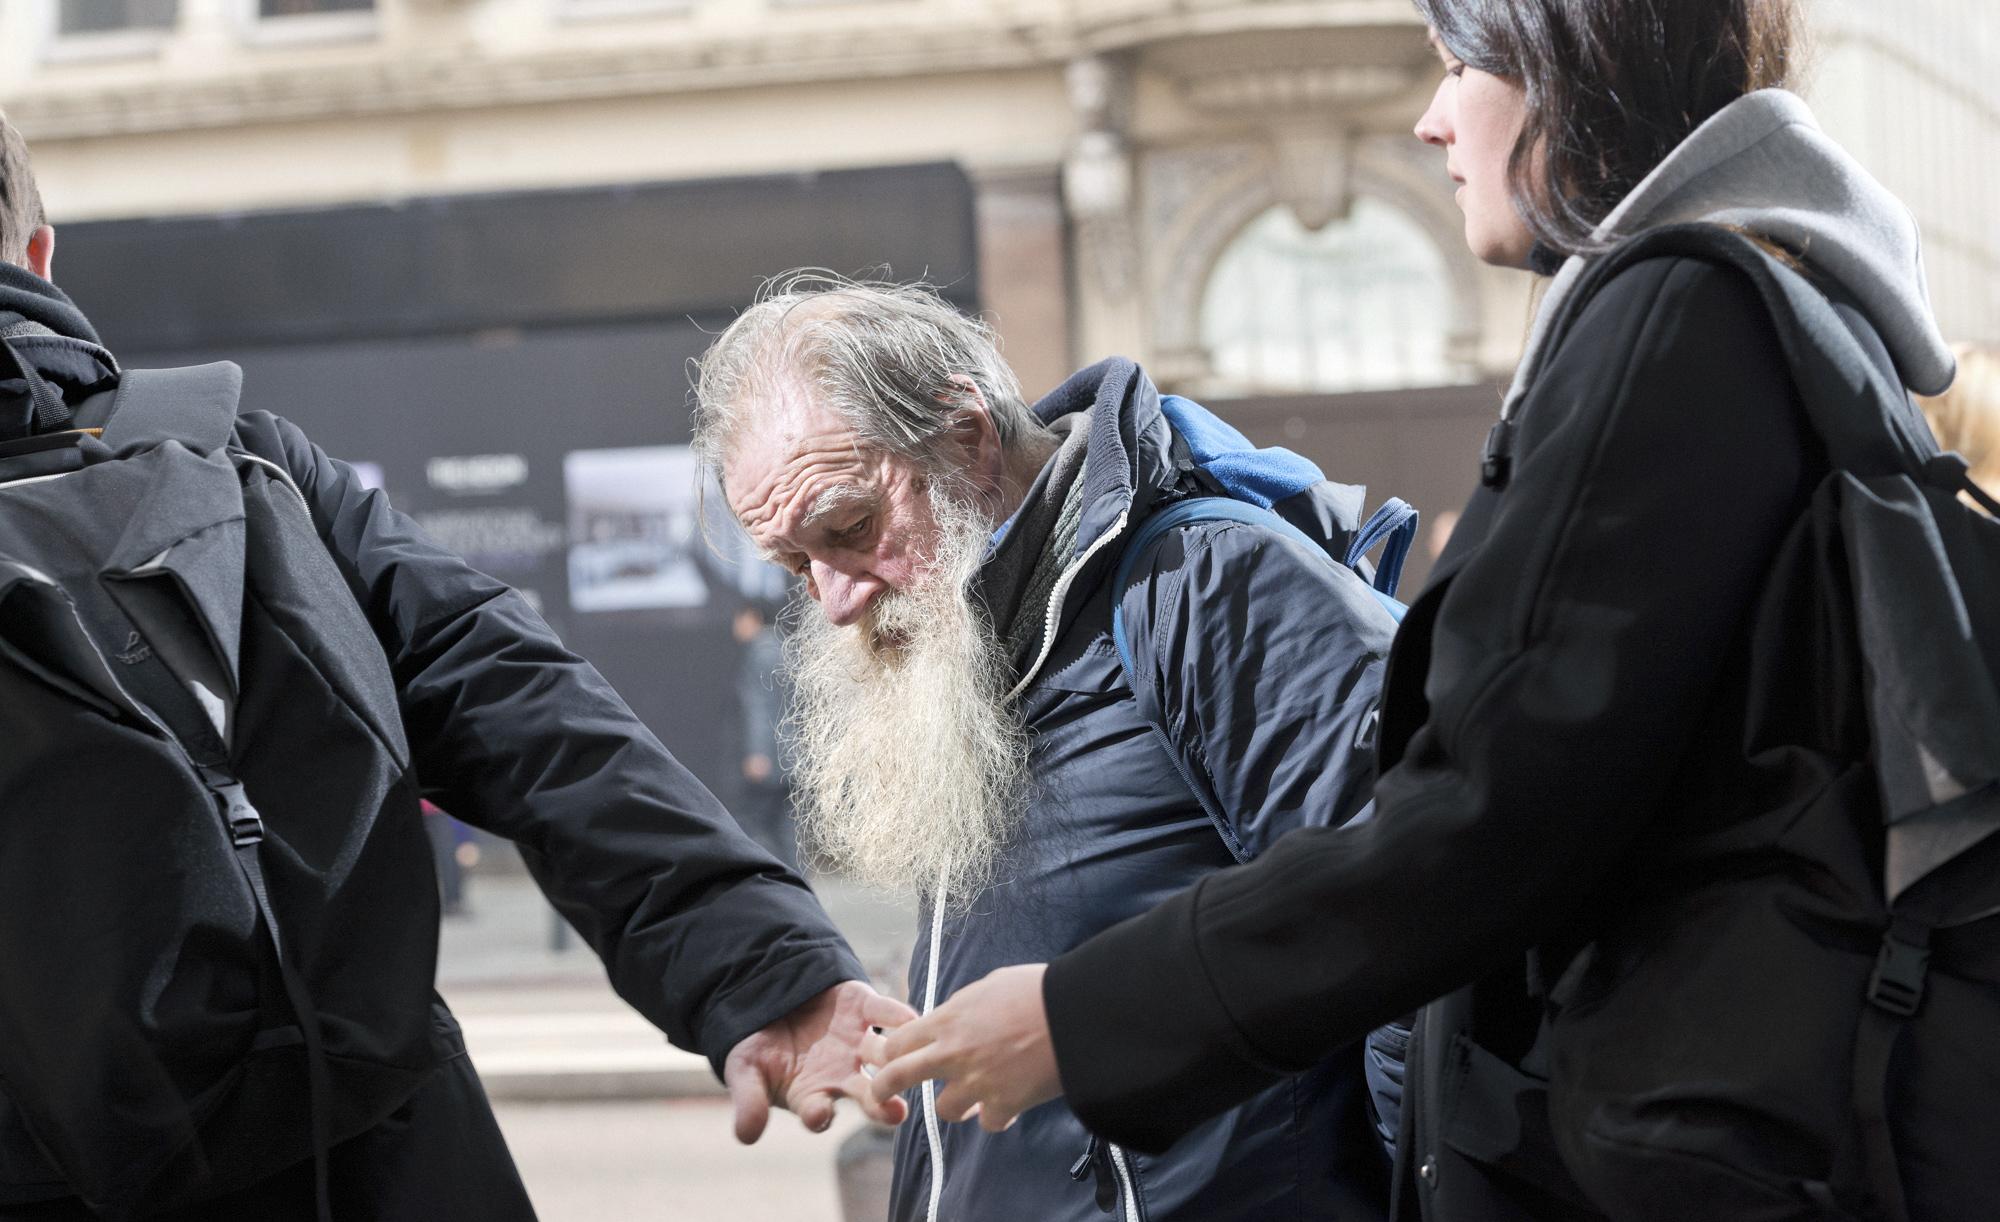 foto van oude man op straat met lange grijze baard kijkend naar de grond terwijl er vlak voor hem twee mensen elkaars hand grijpen